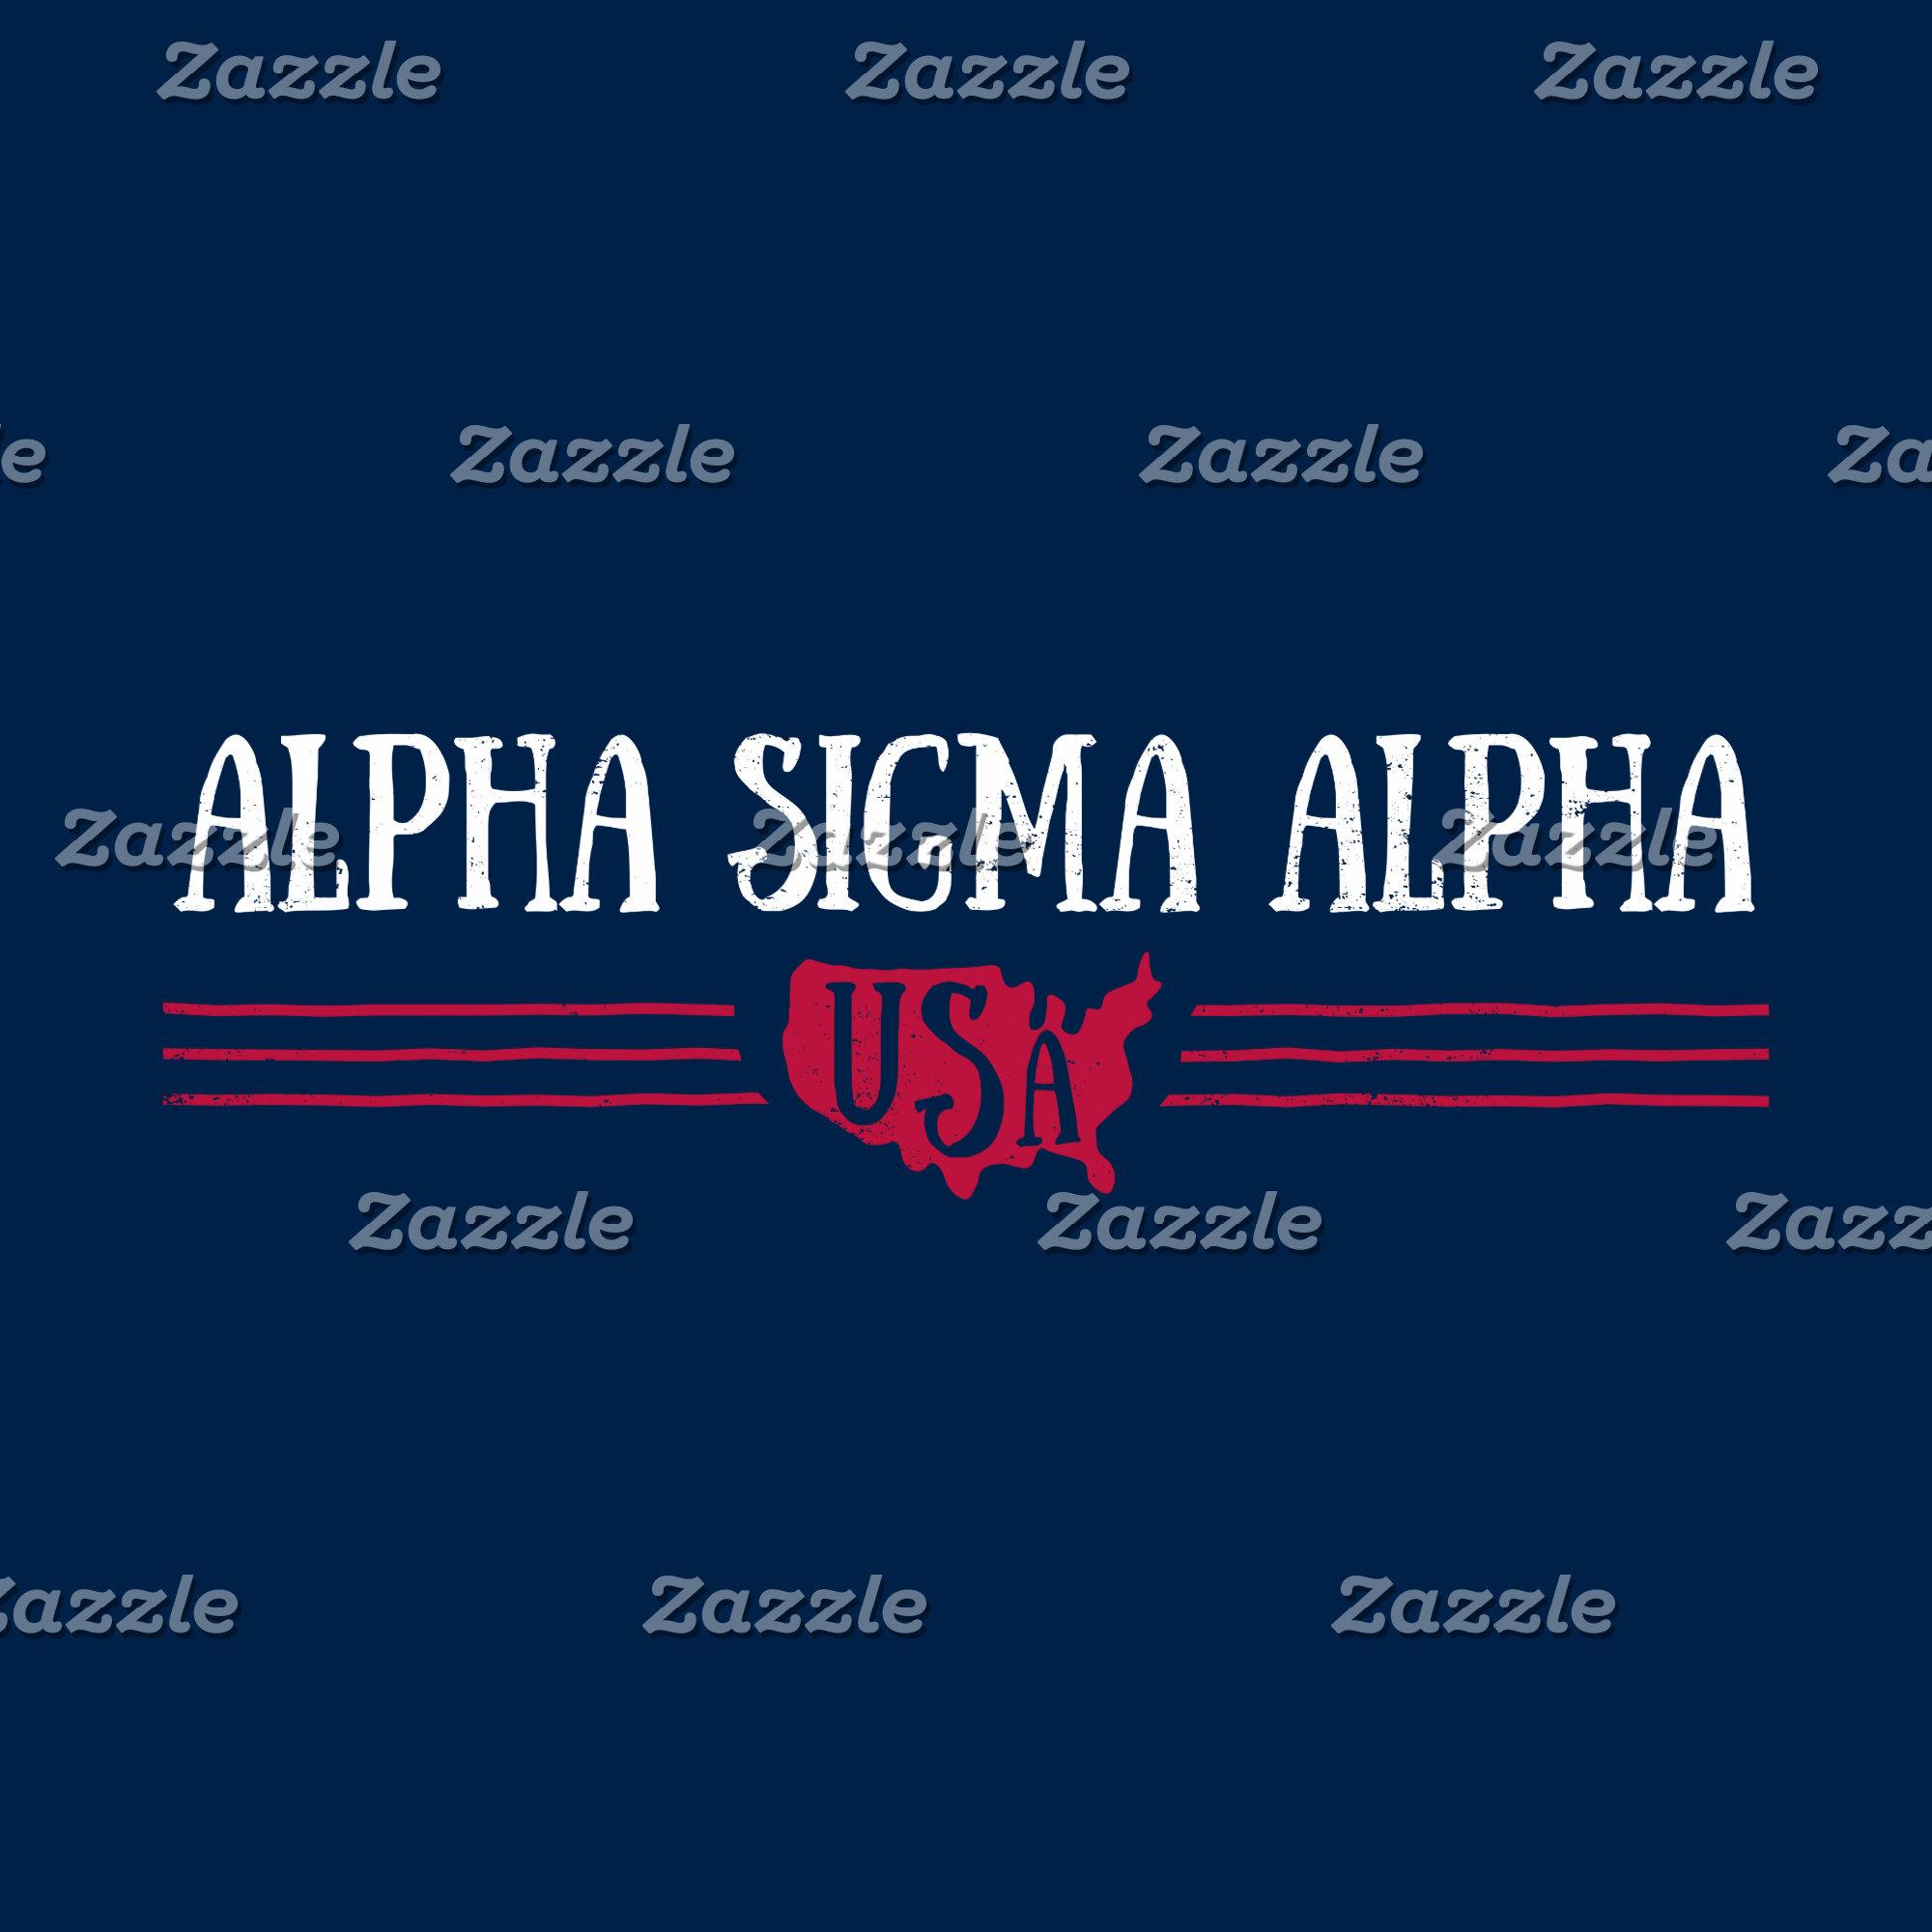 Alpha Sigma Alpha - USA